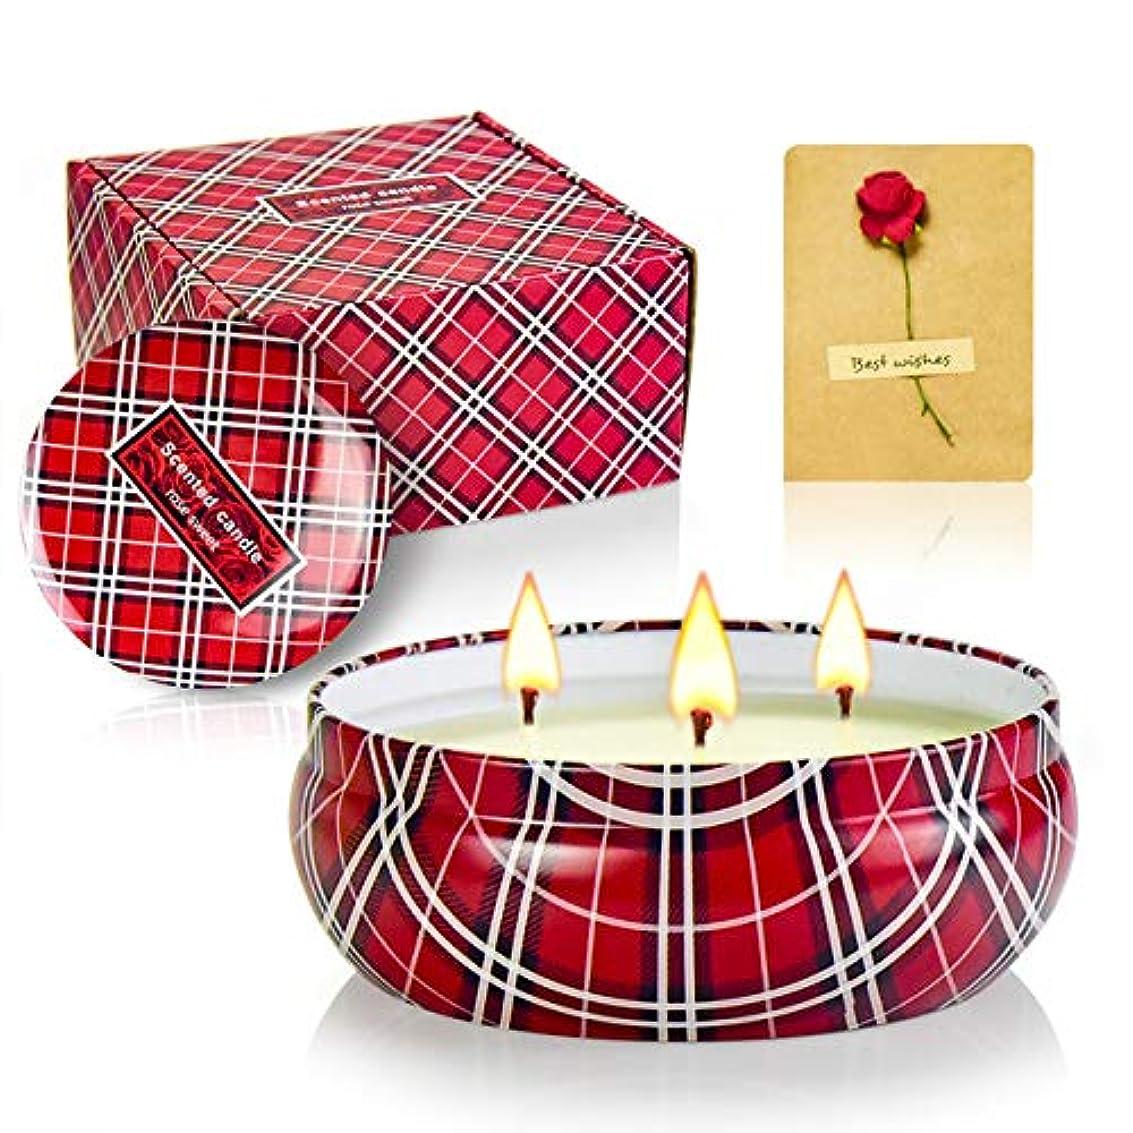 祭司トレイアミューズ大型缶無煙キャンドルカップブリキ3コアキャンドルライト14OZローズの香りのキャンドル(5ボックス)